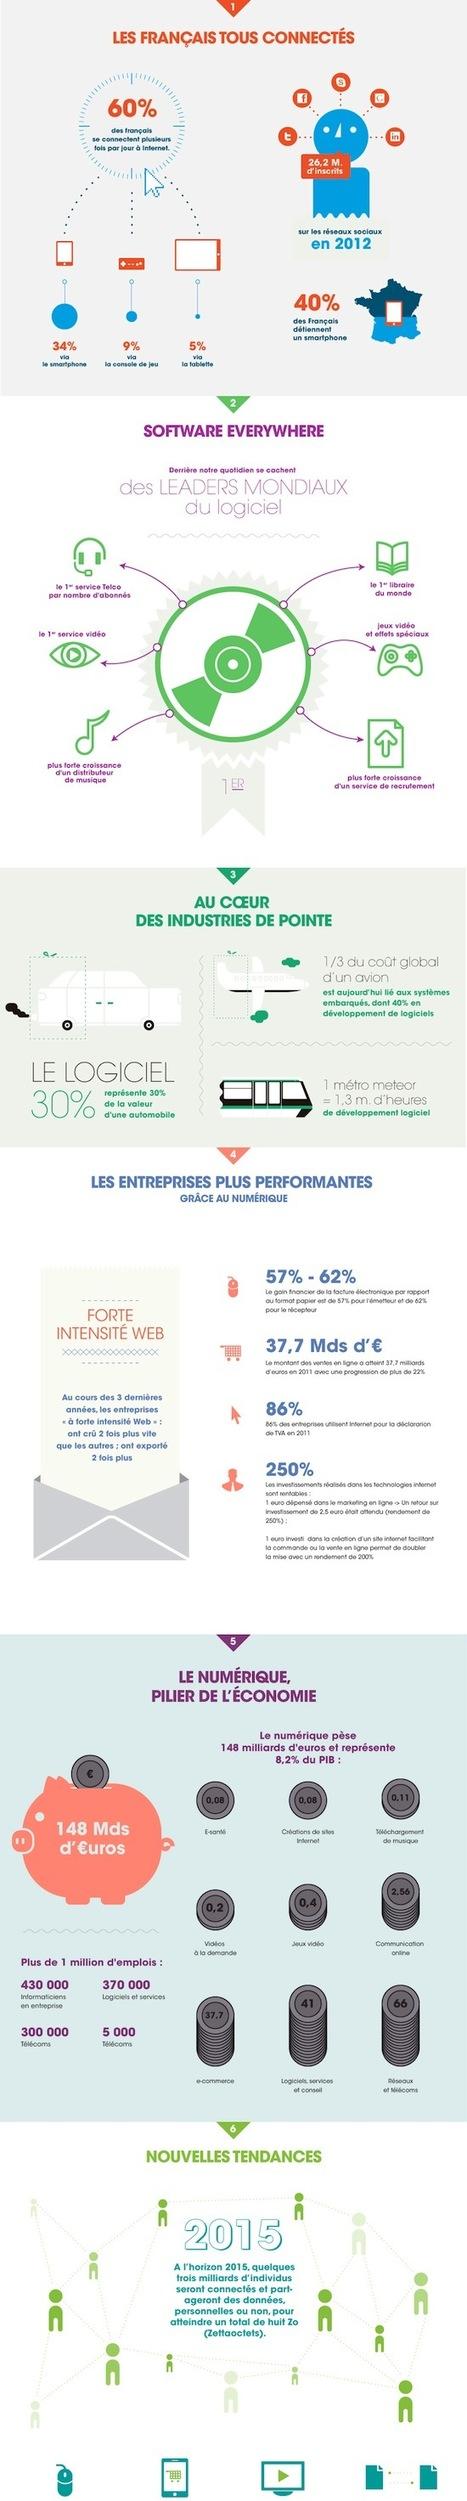 [Infographie] AFDEL : les chiffres clés du numérique en 2012 | Social Media Curation par Mon Habitat Web | Scoop.it